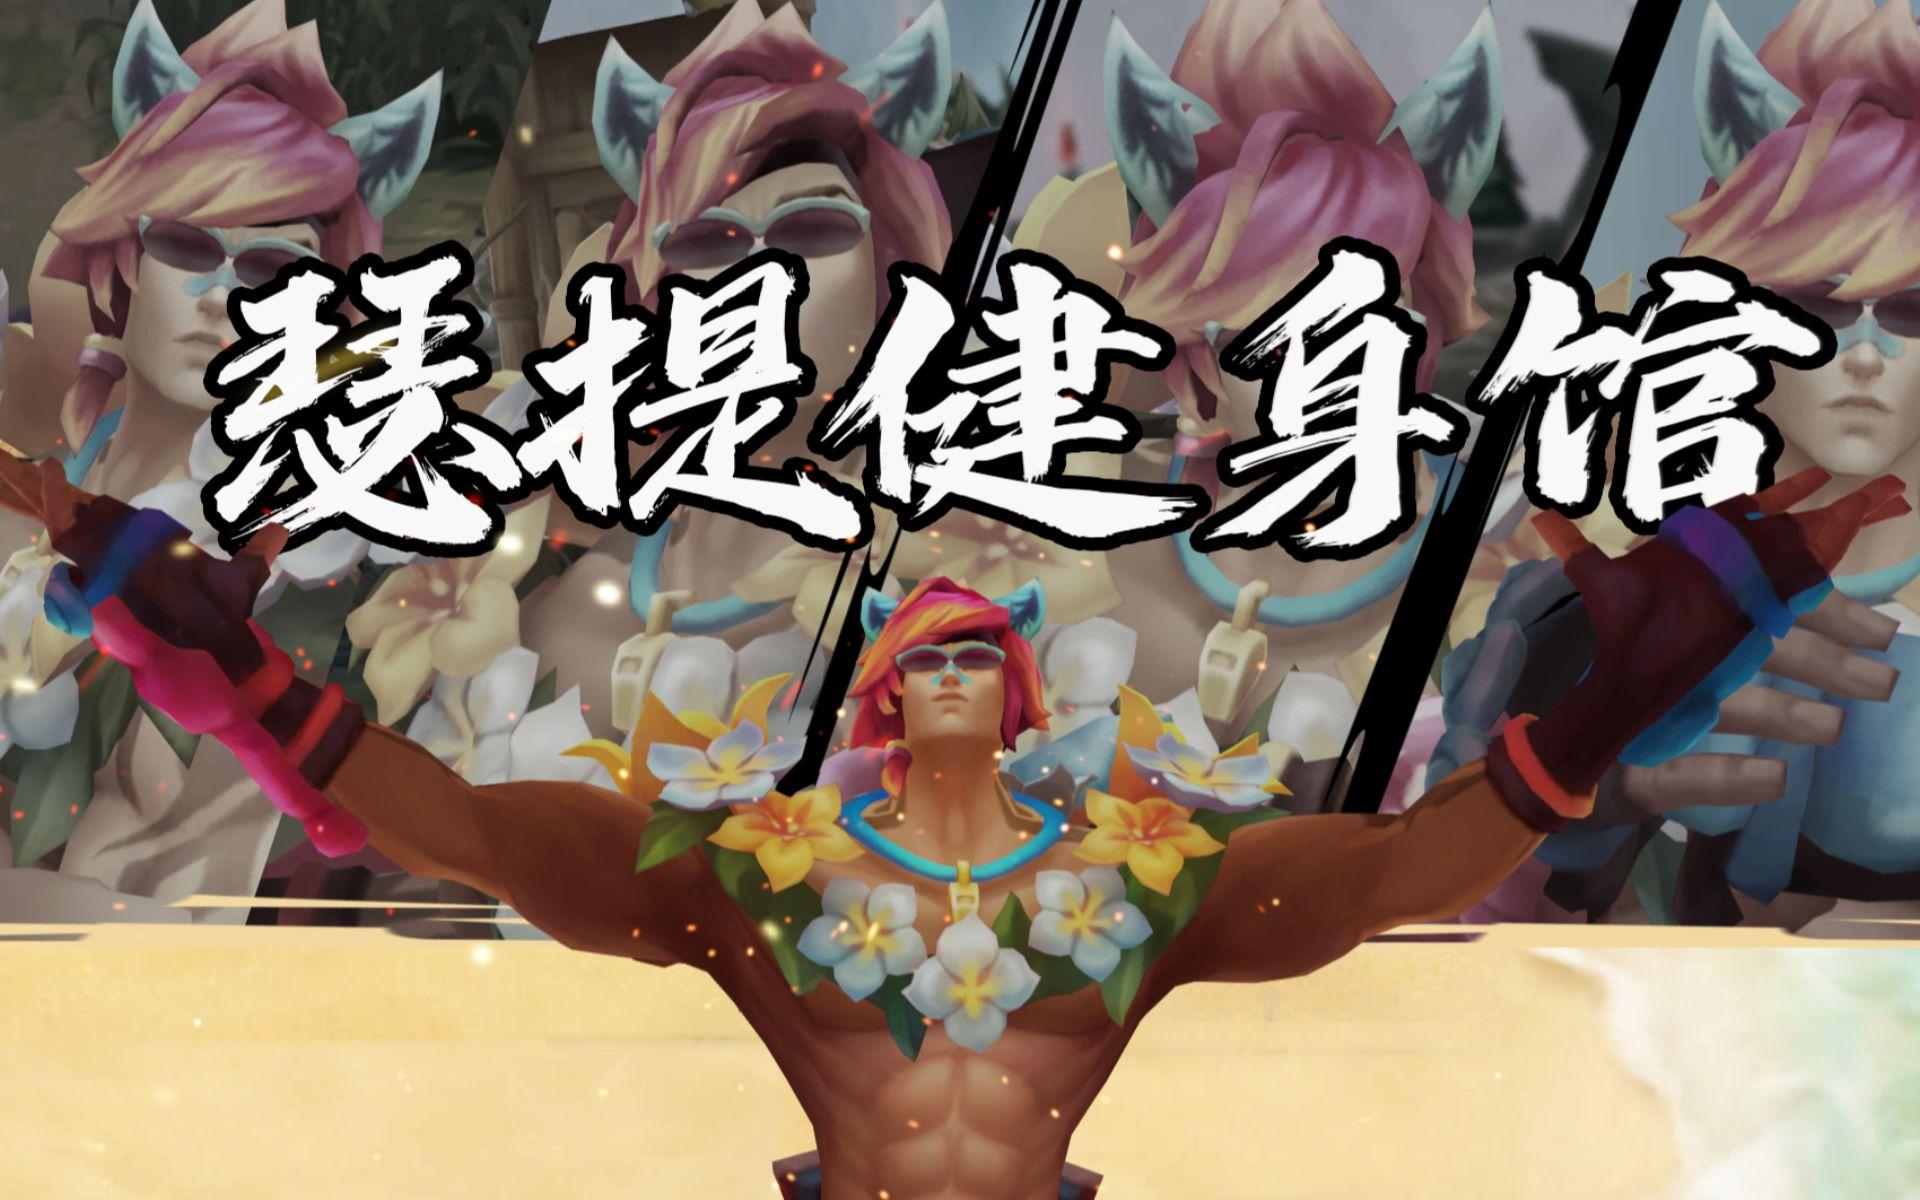 【英雄联盟】瑟提健身馆